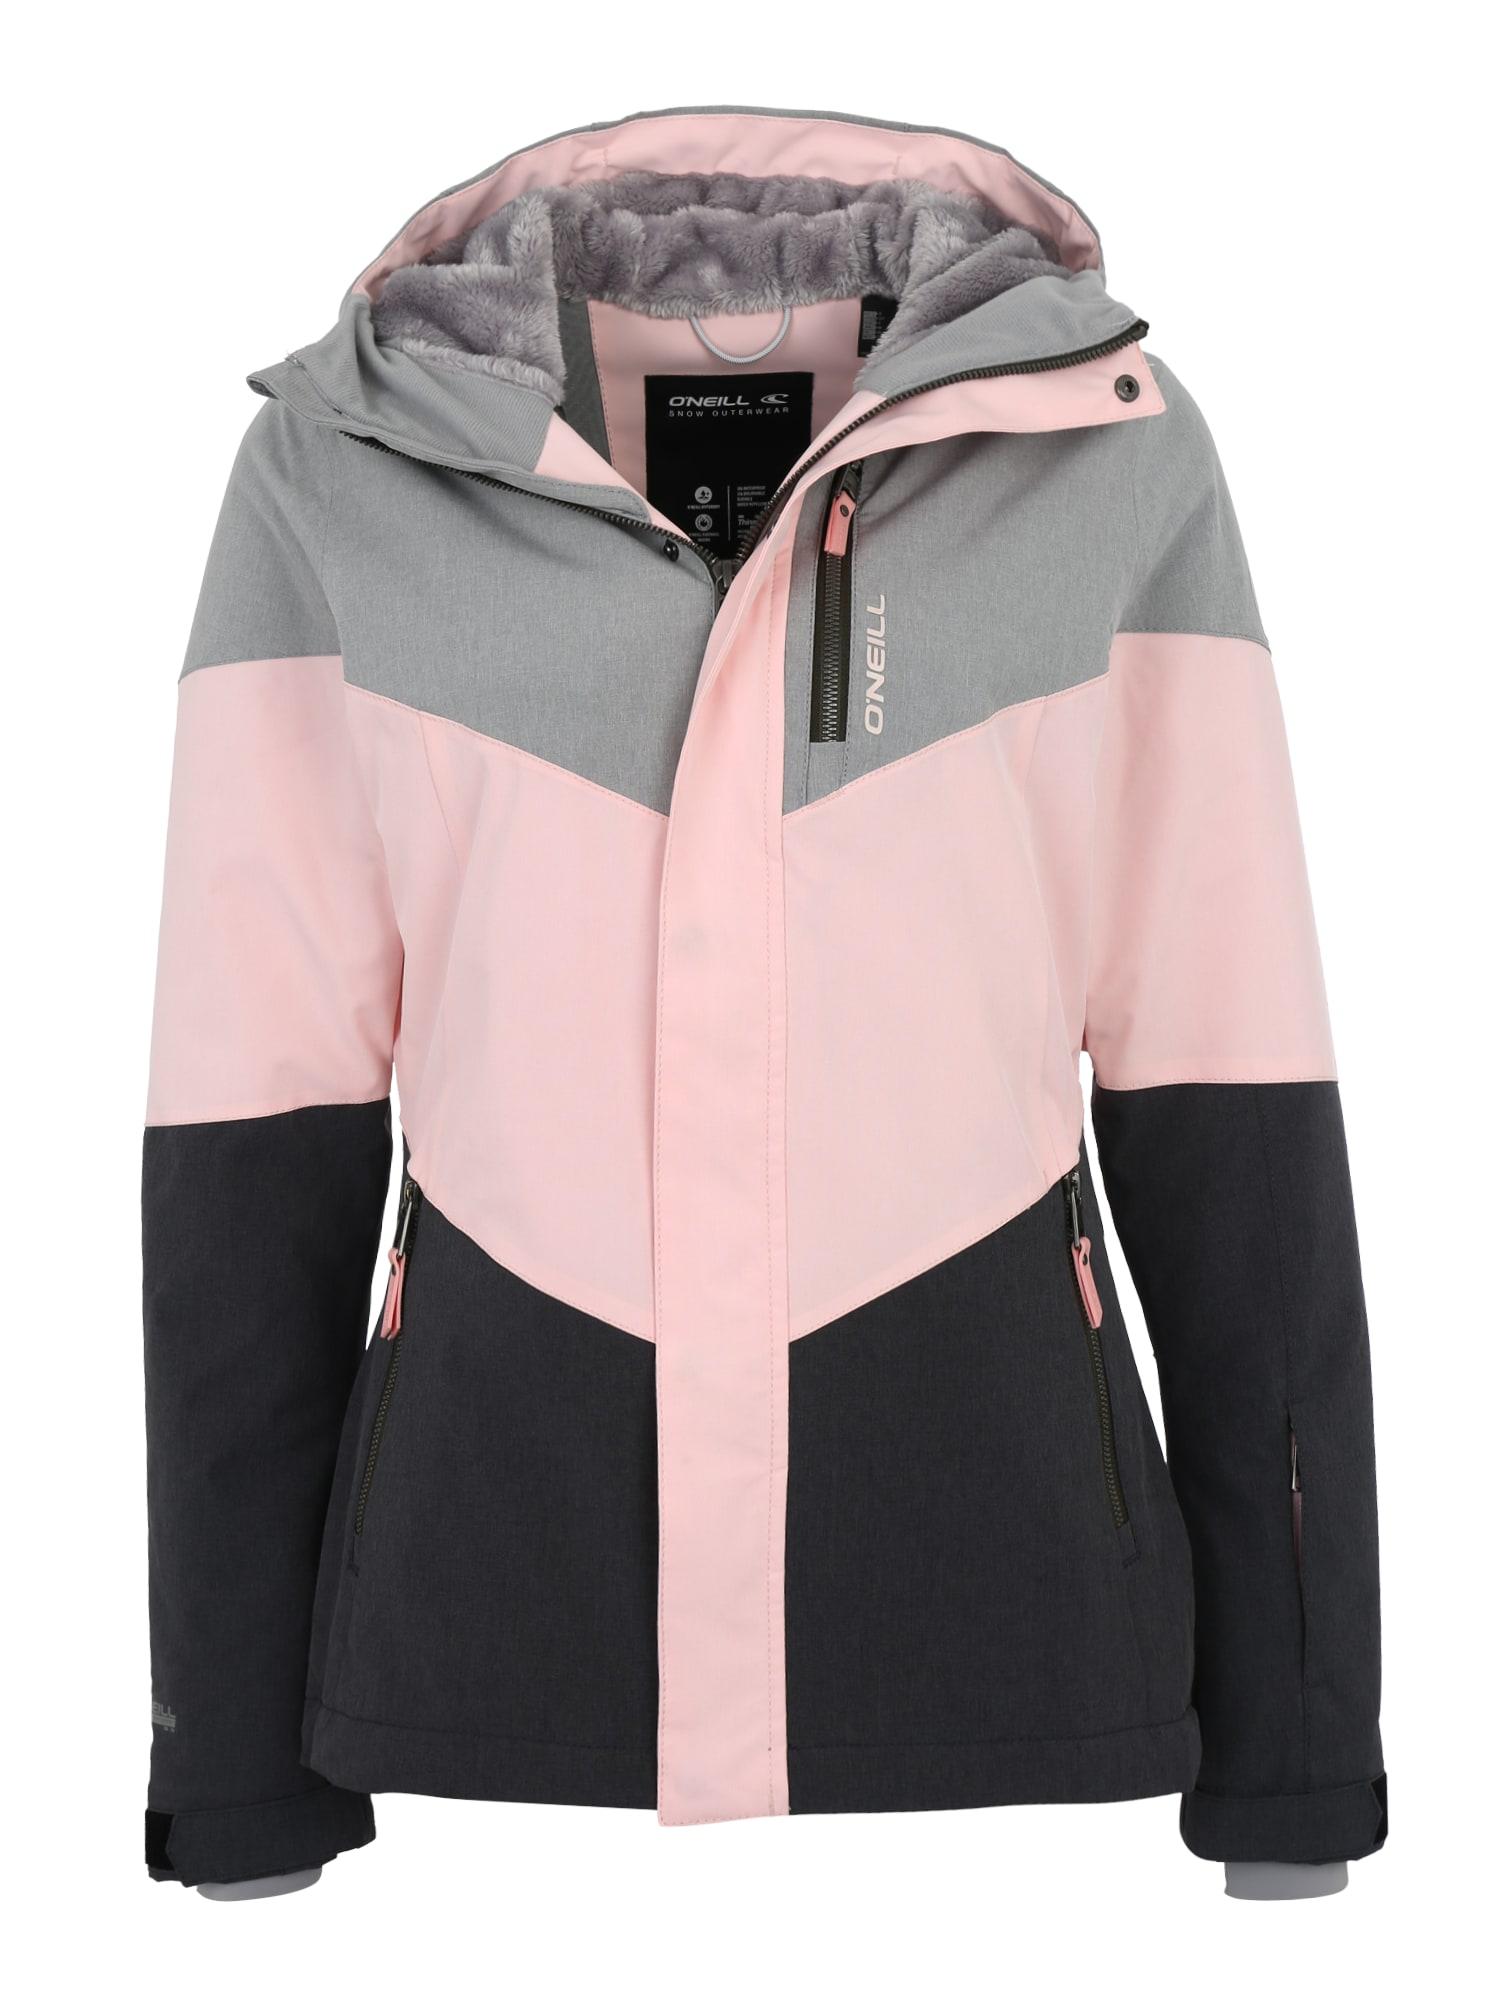 ONEILL Outdoorová bunda Coral šedá růžová černá O'NEILL